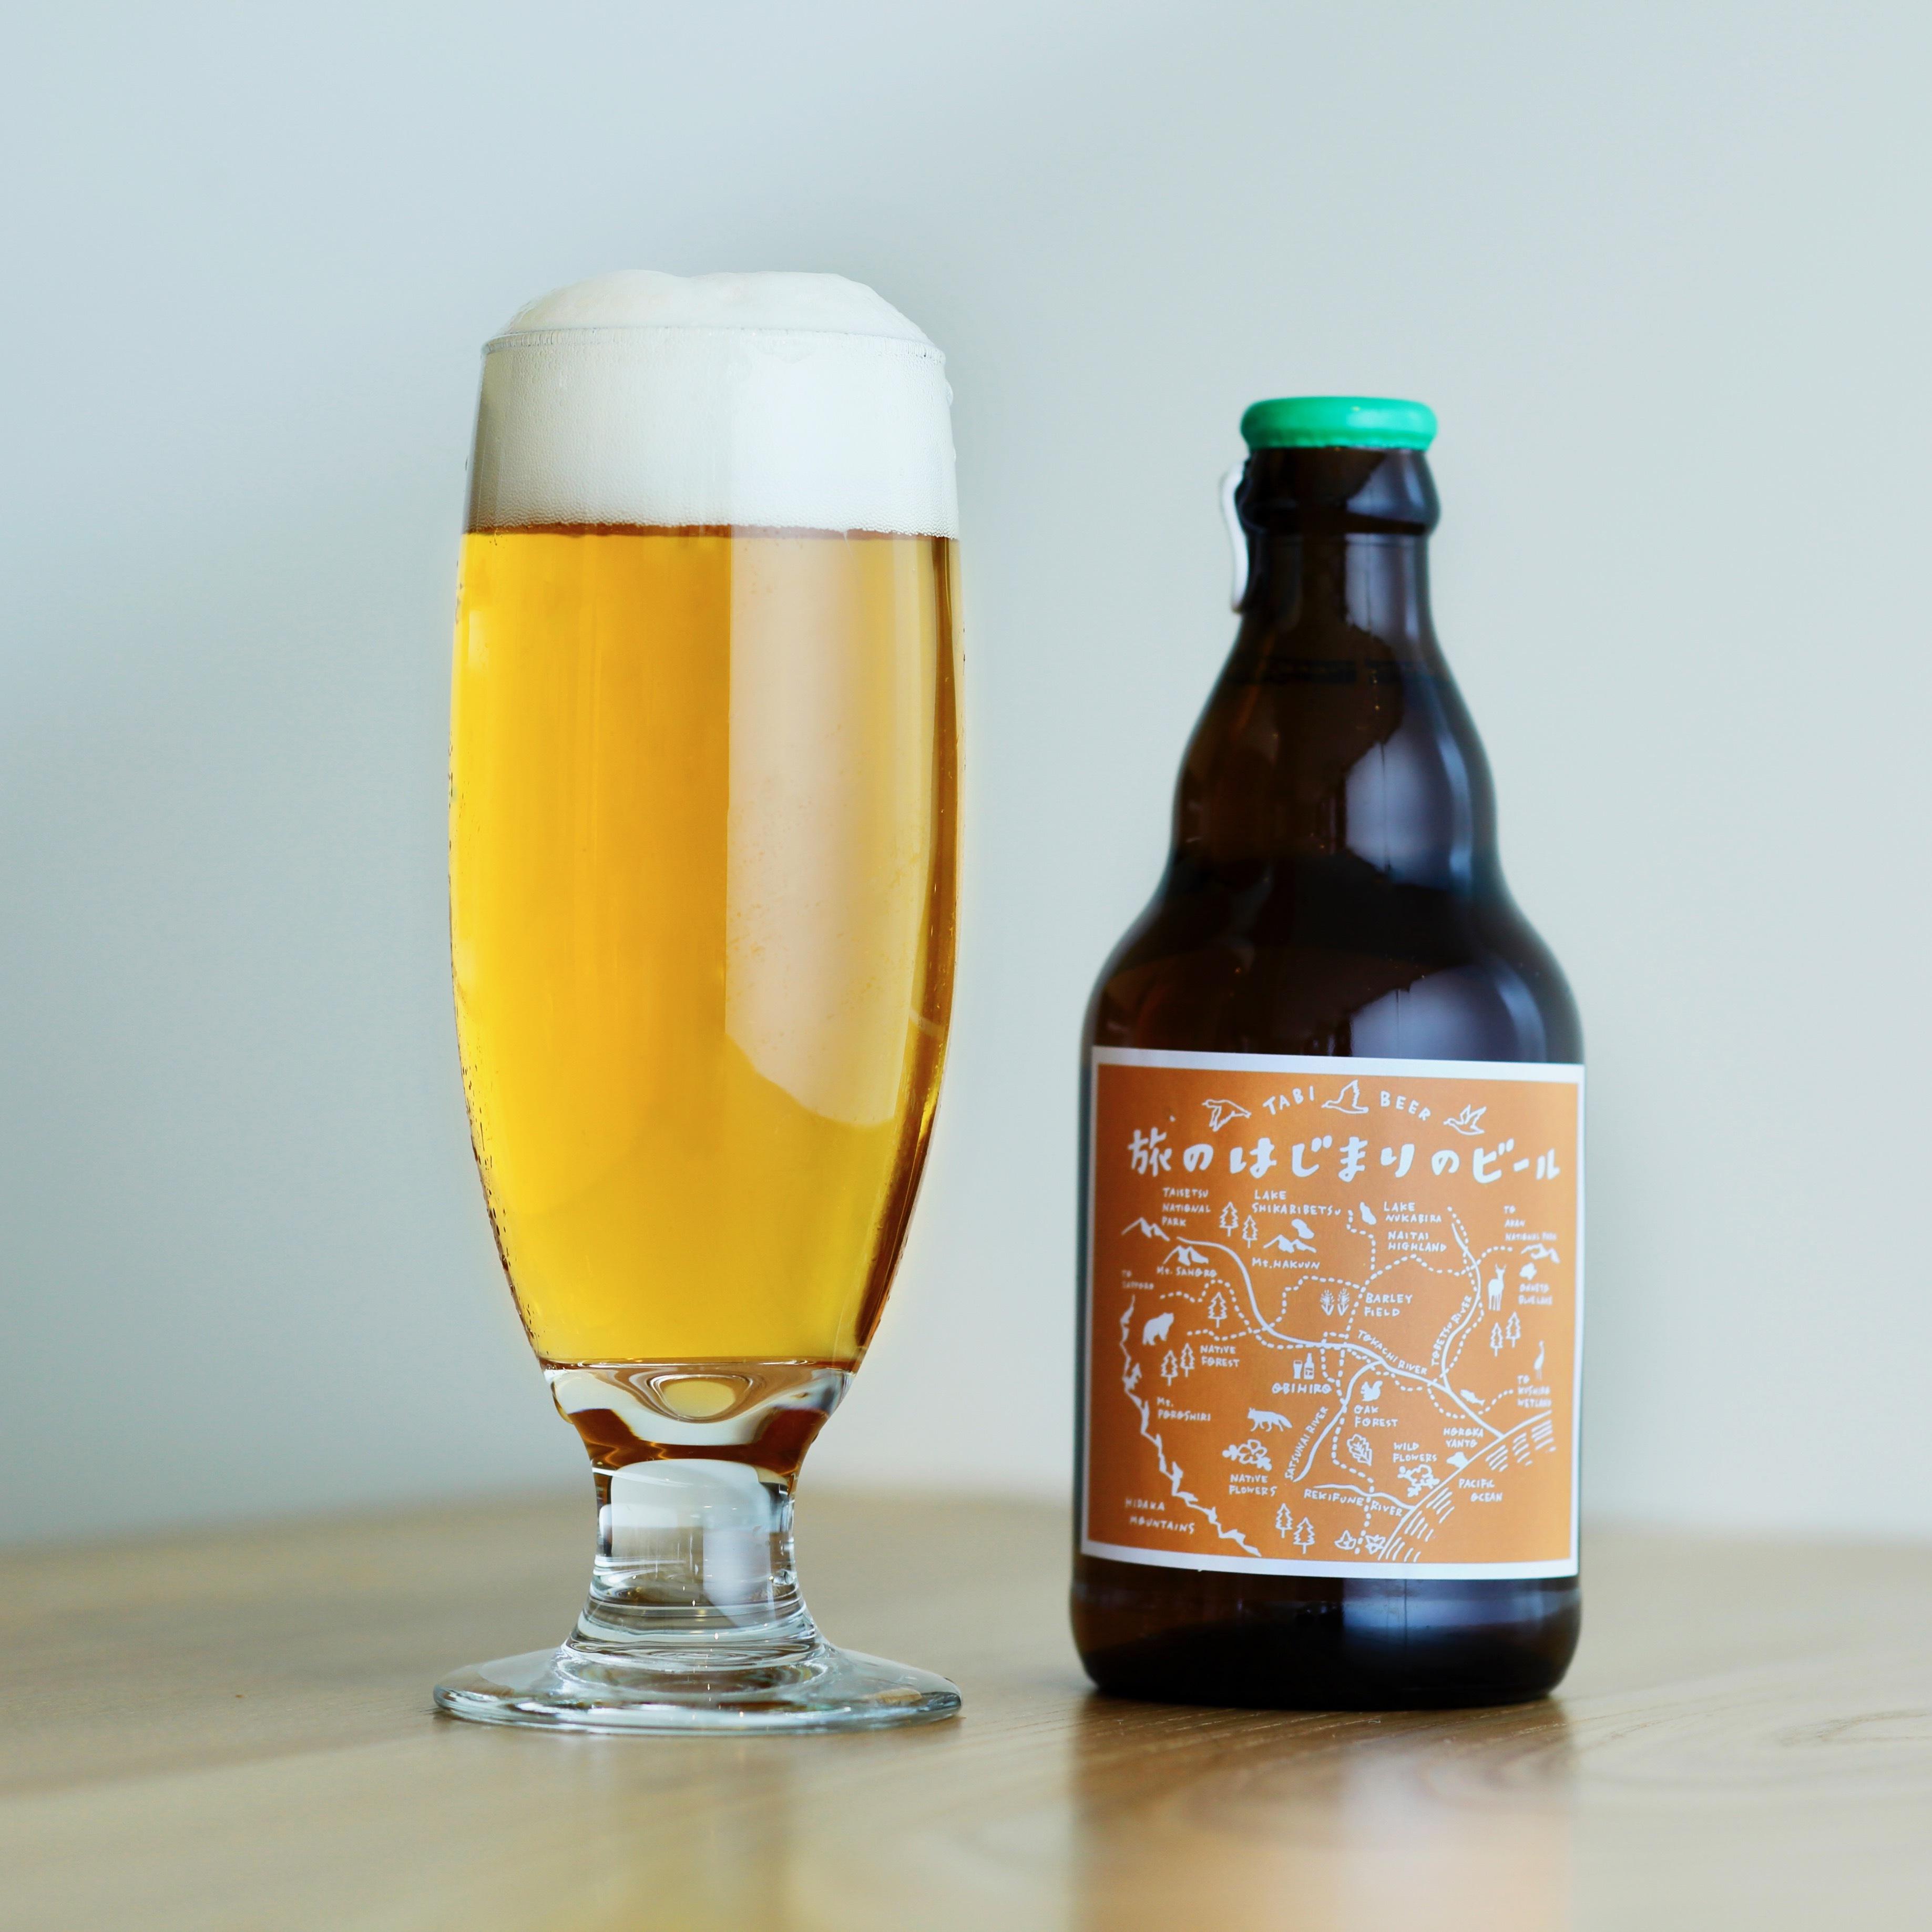 1ケース「旅のはじまりのビール](2本入り特別ギフトセット)